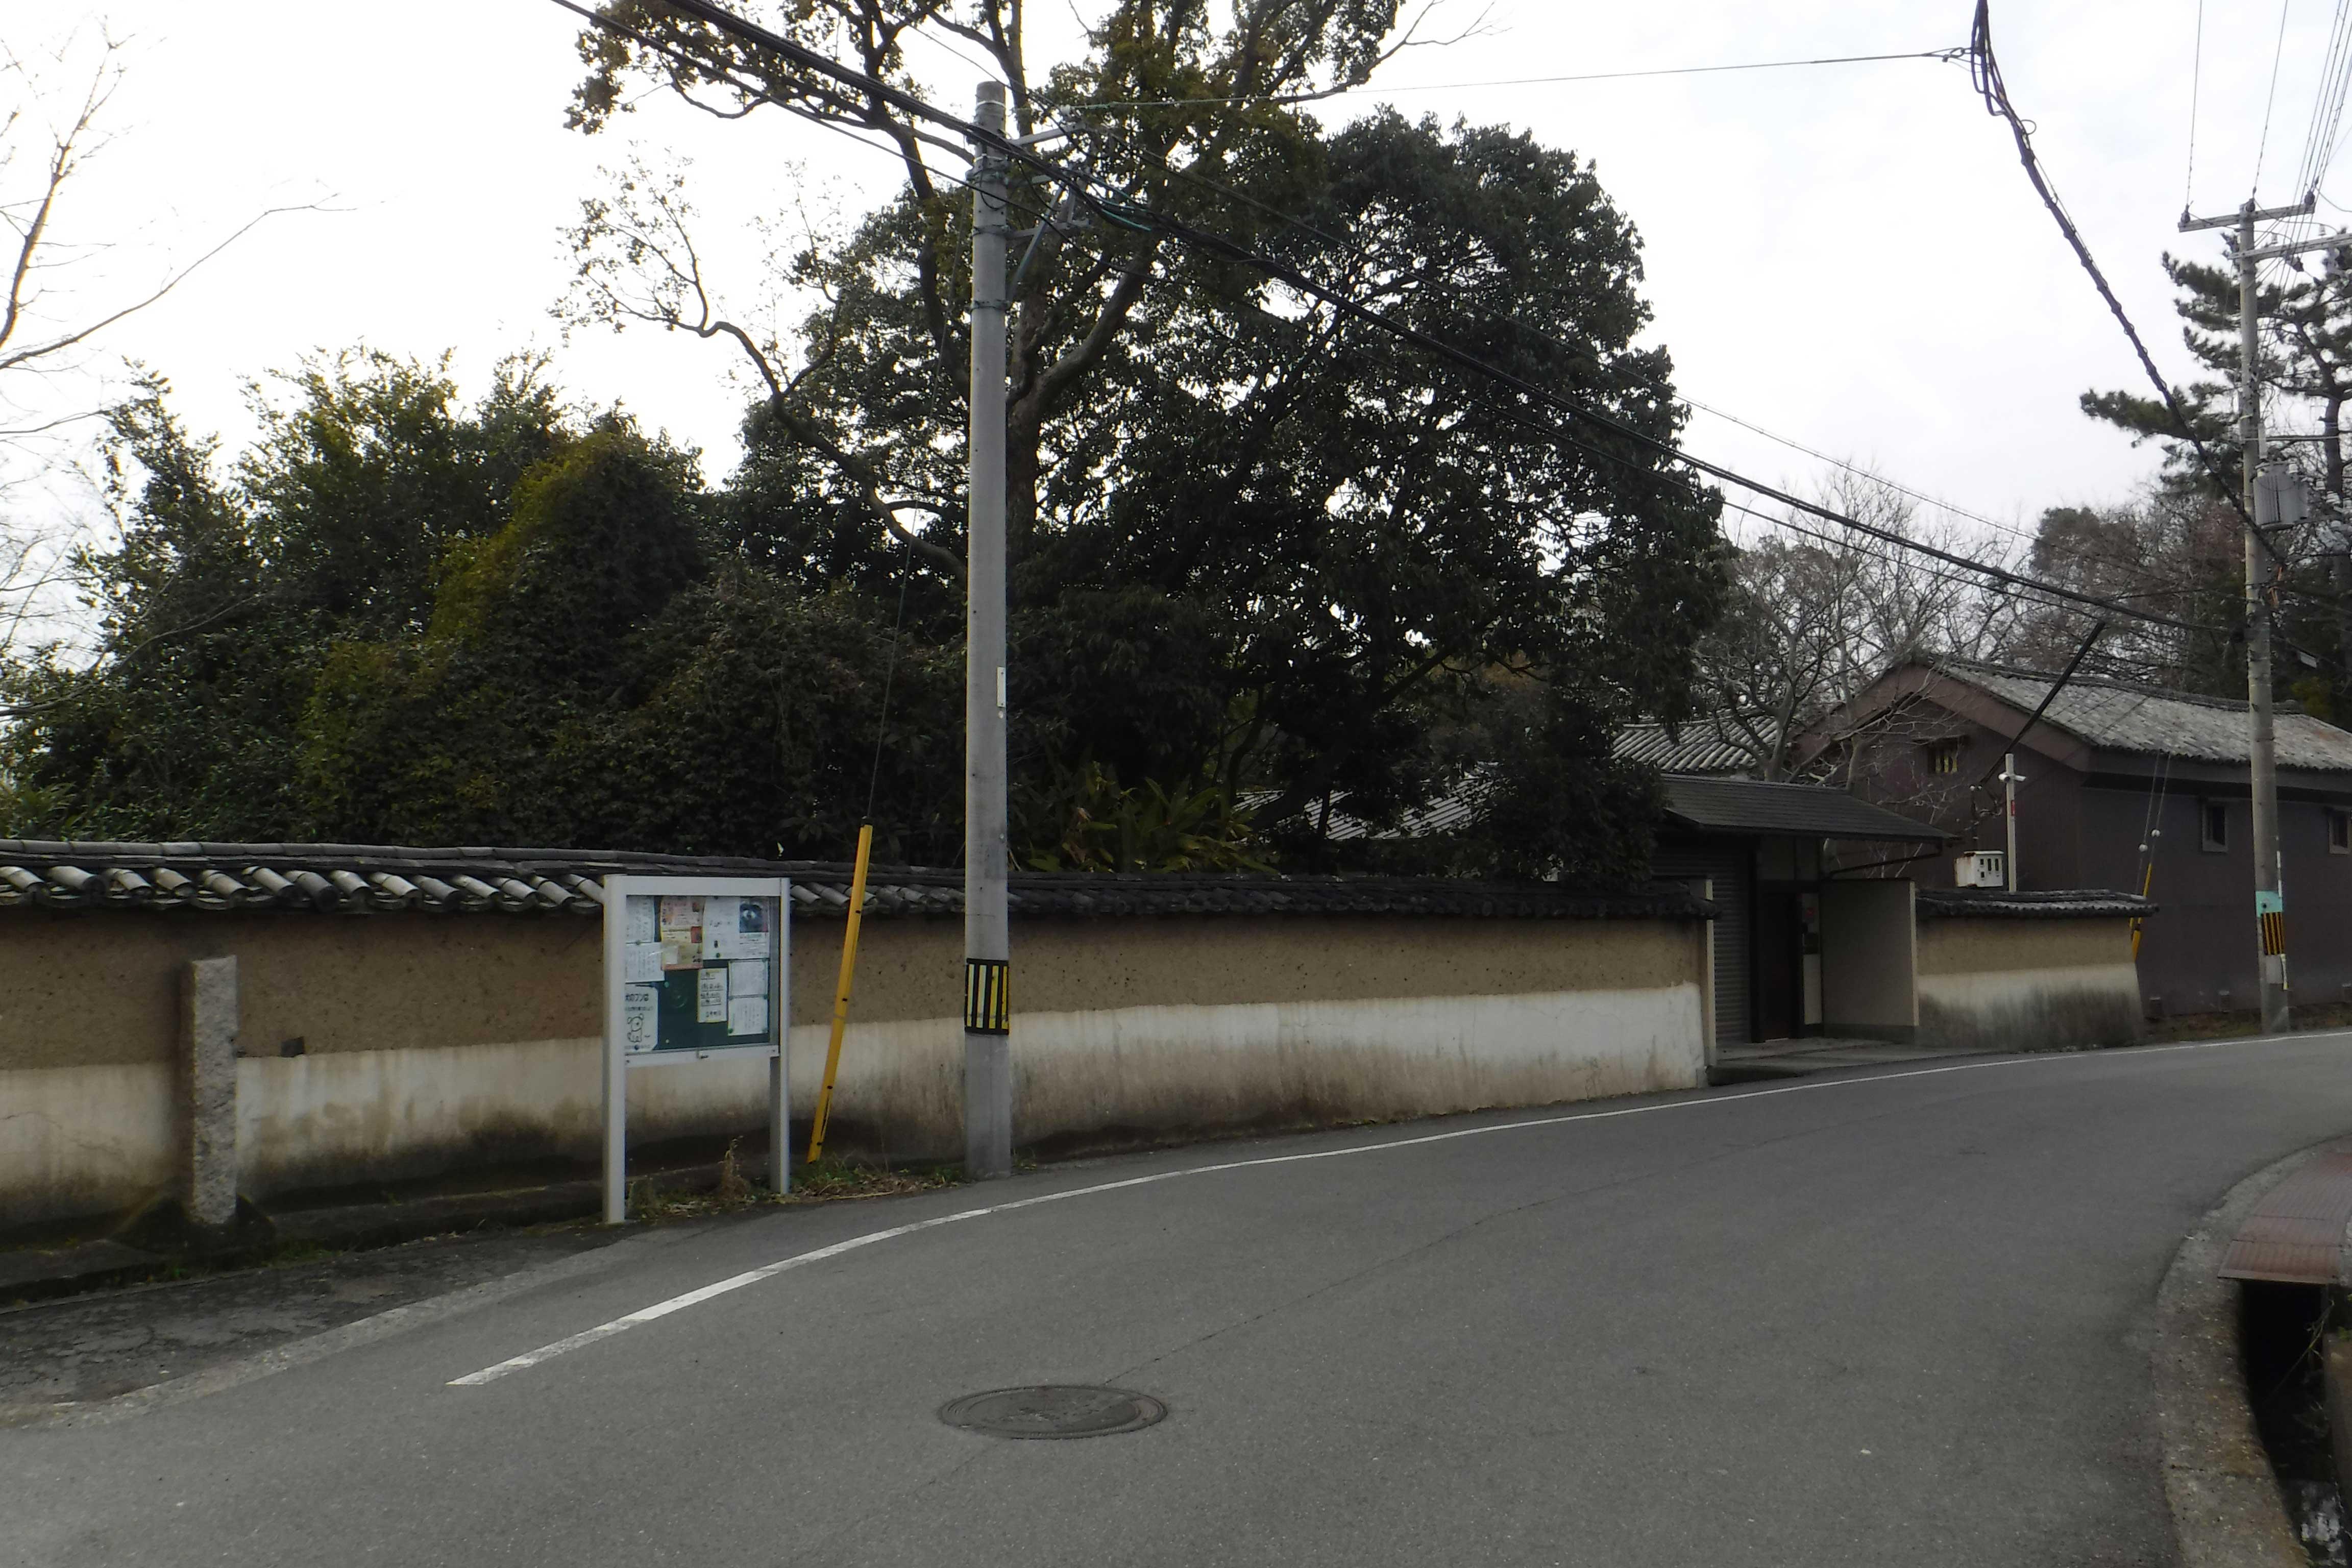 <p>北東側道路から屋敷地を望見</p>